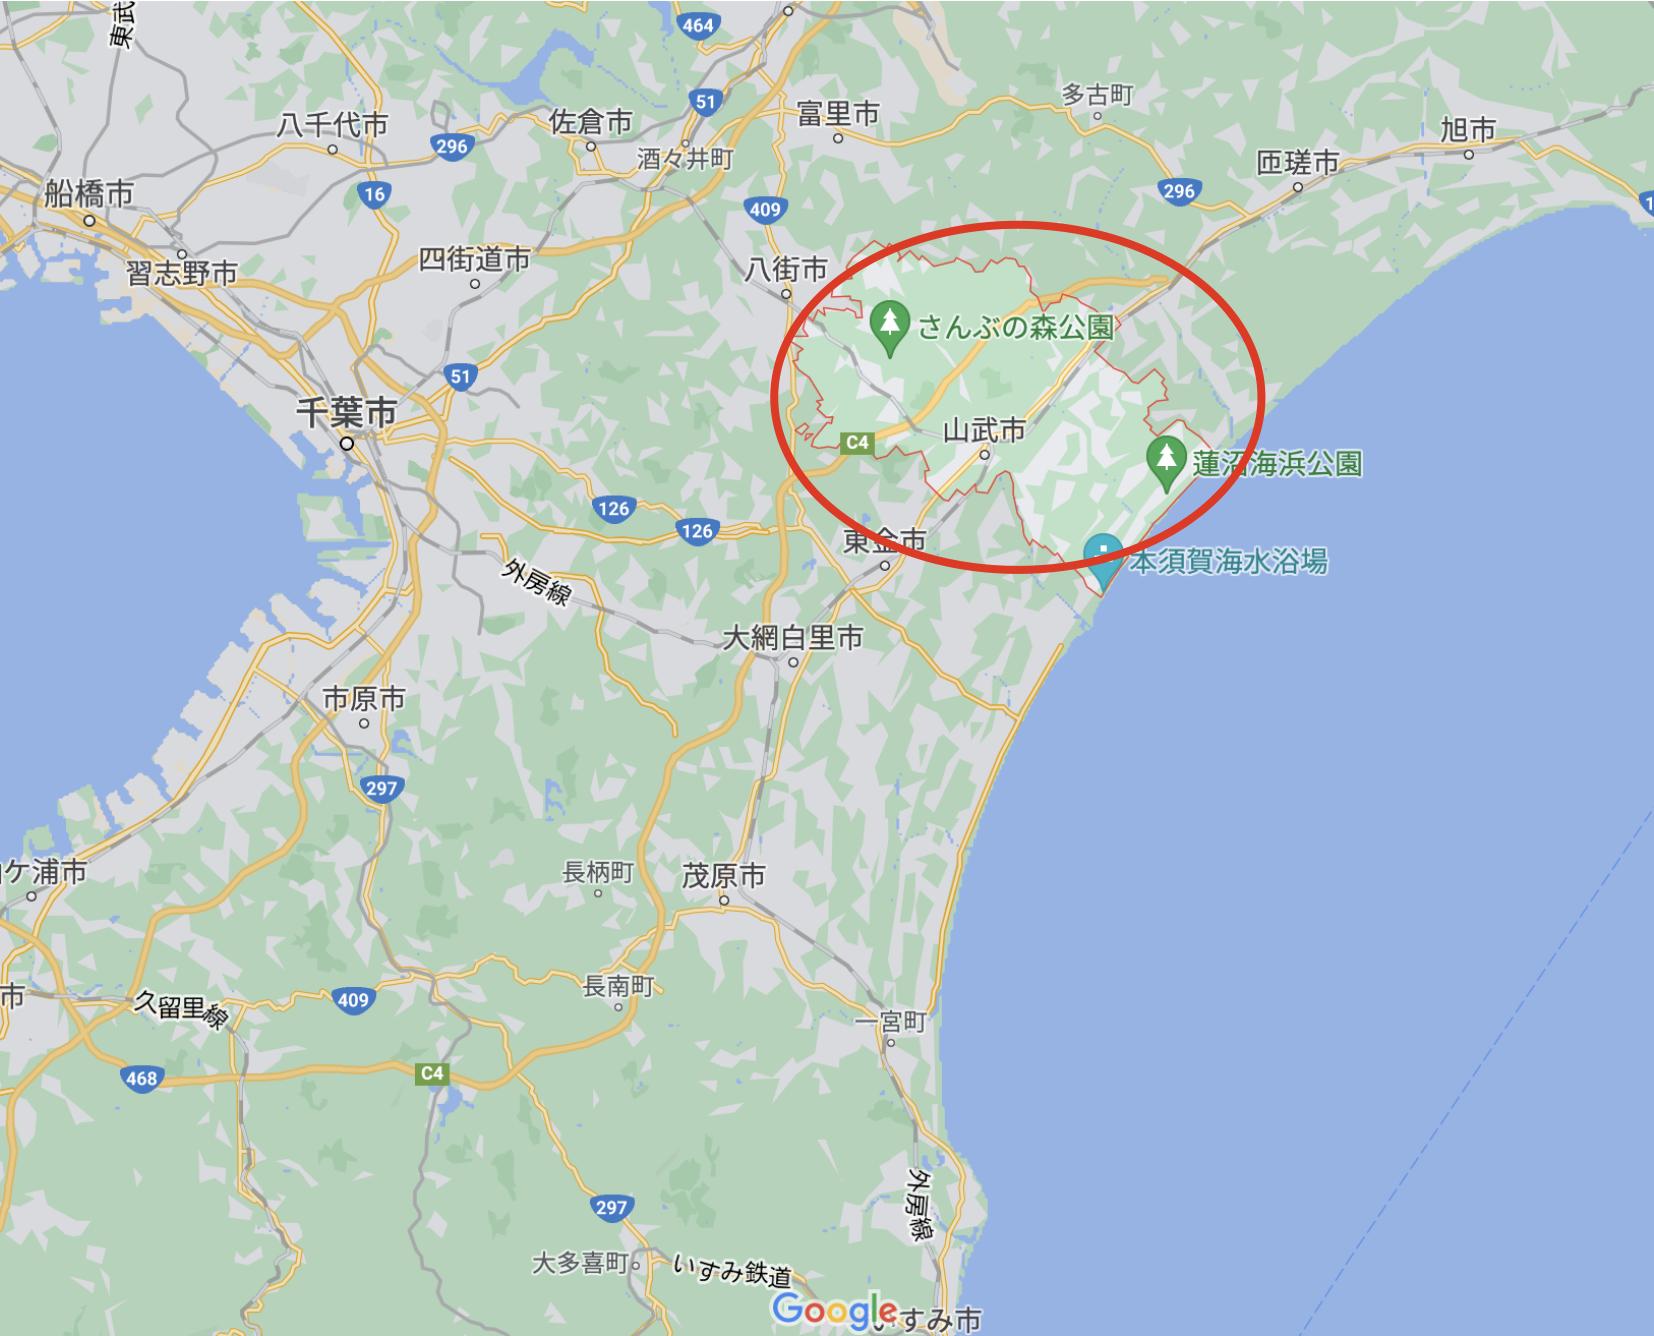 山武市の地図を掲載